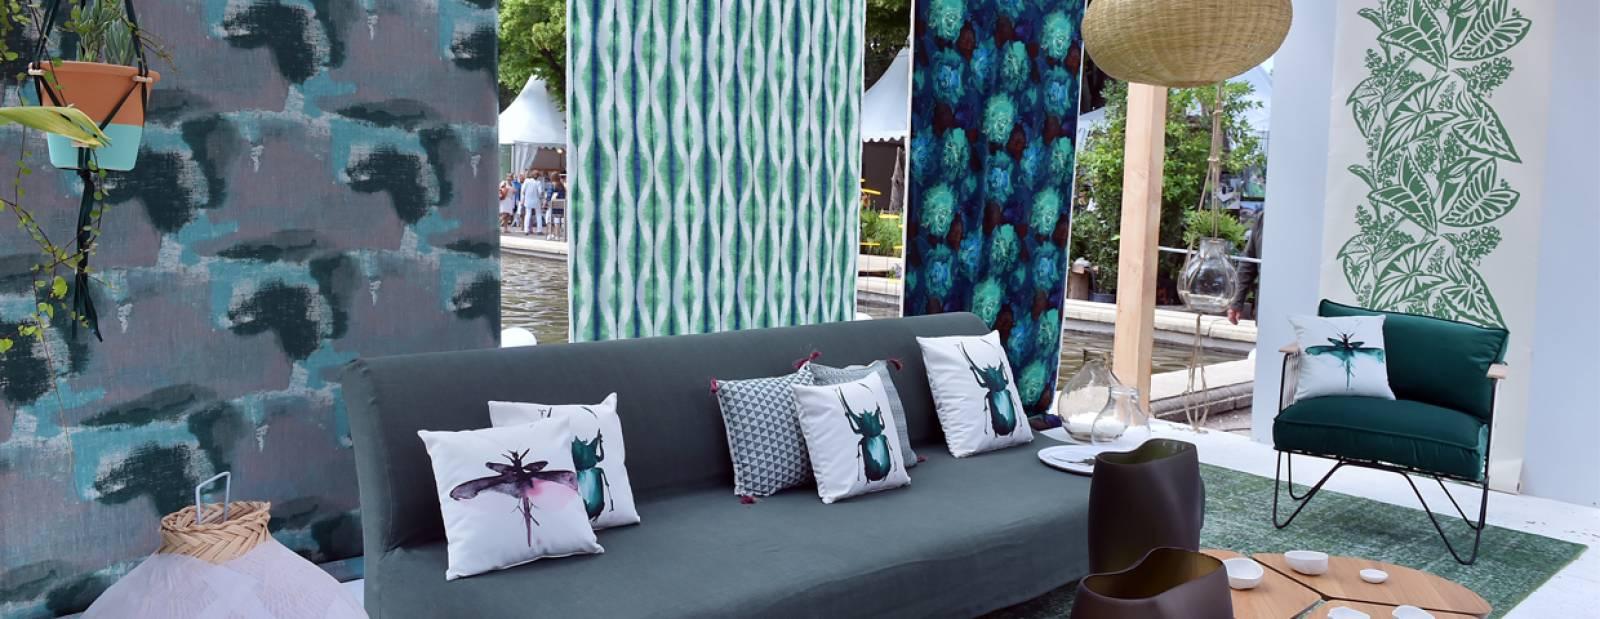 menuiserie pour agencement int rieur et ext rieur. Black Bedroom Furniture Sets. Home Design Ideas